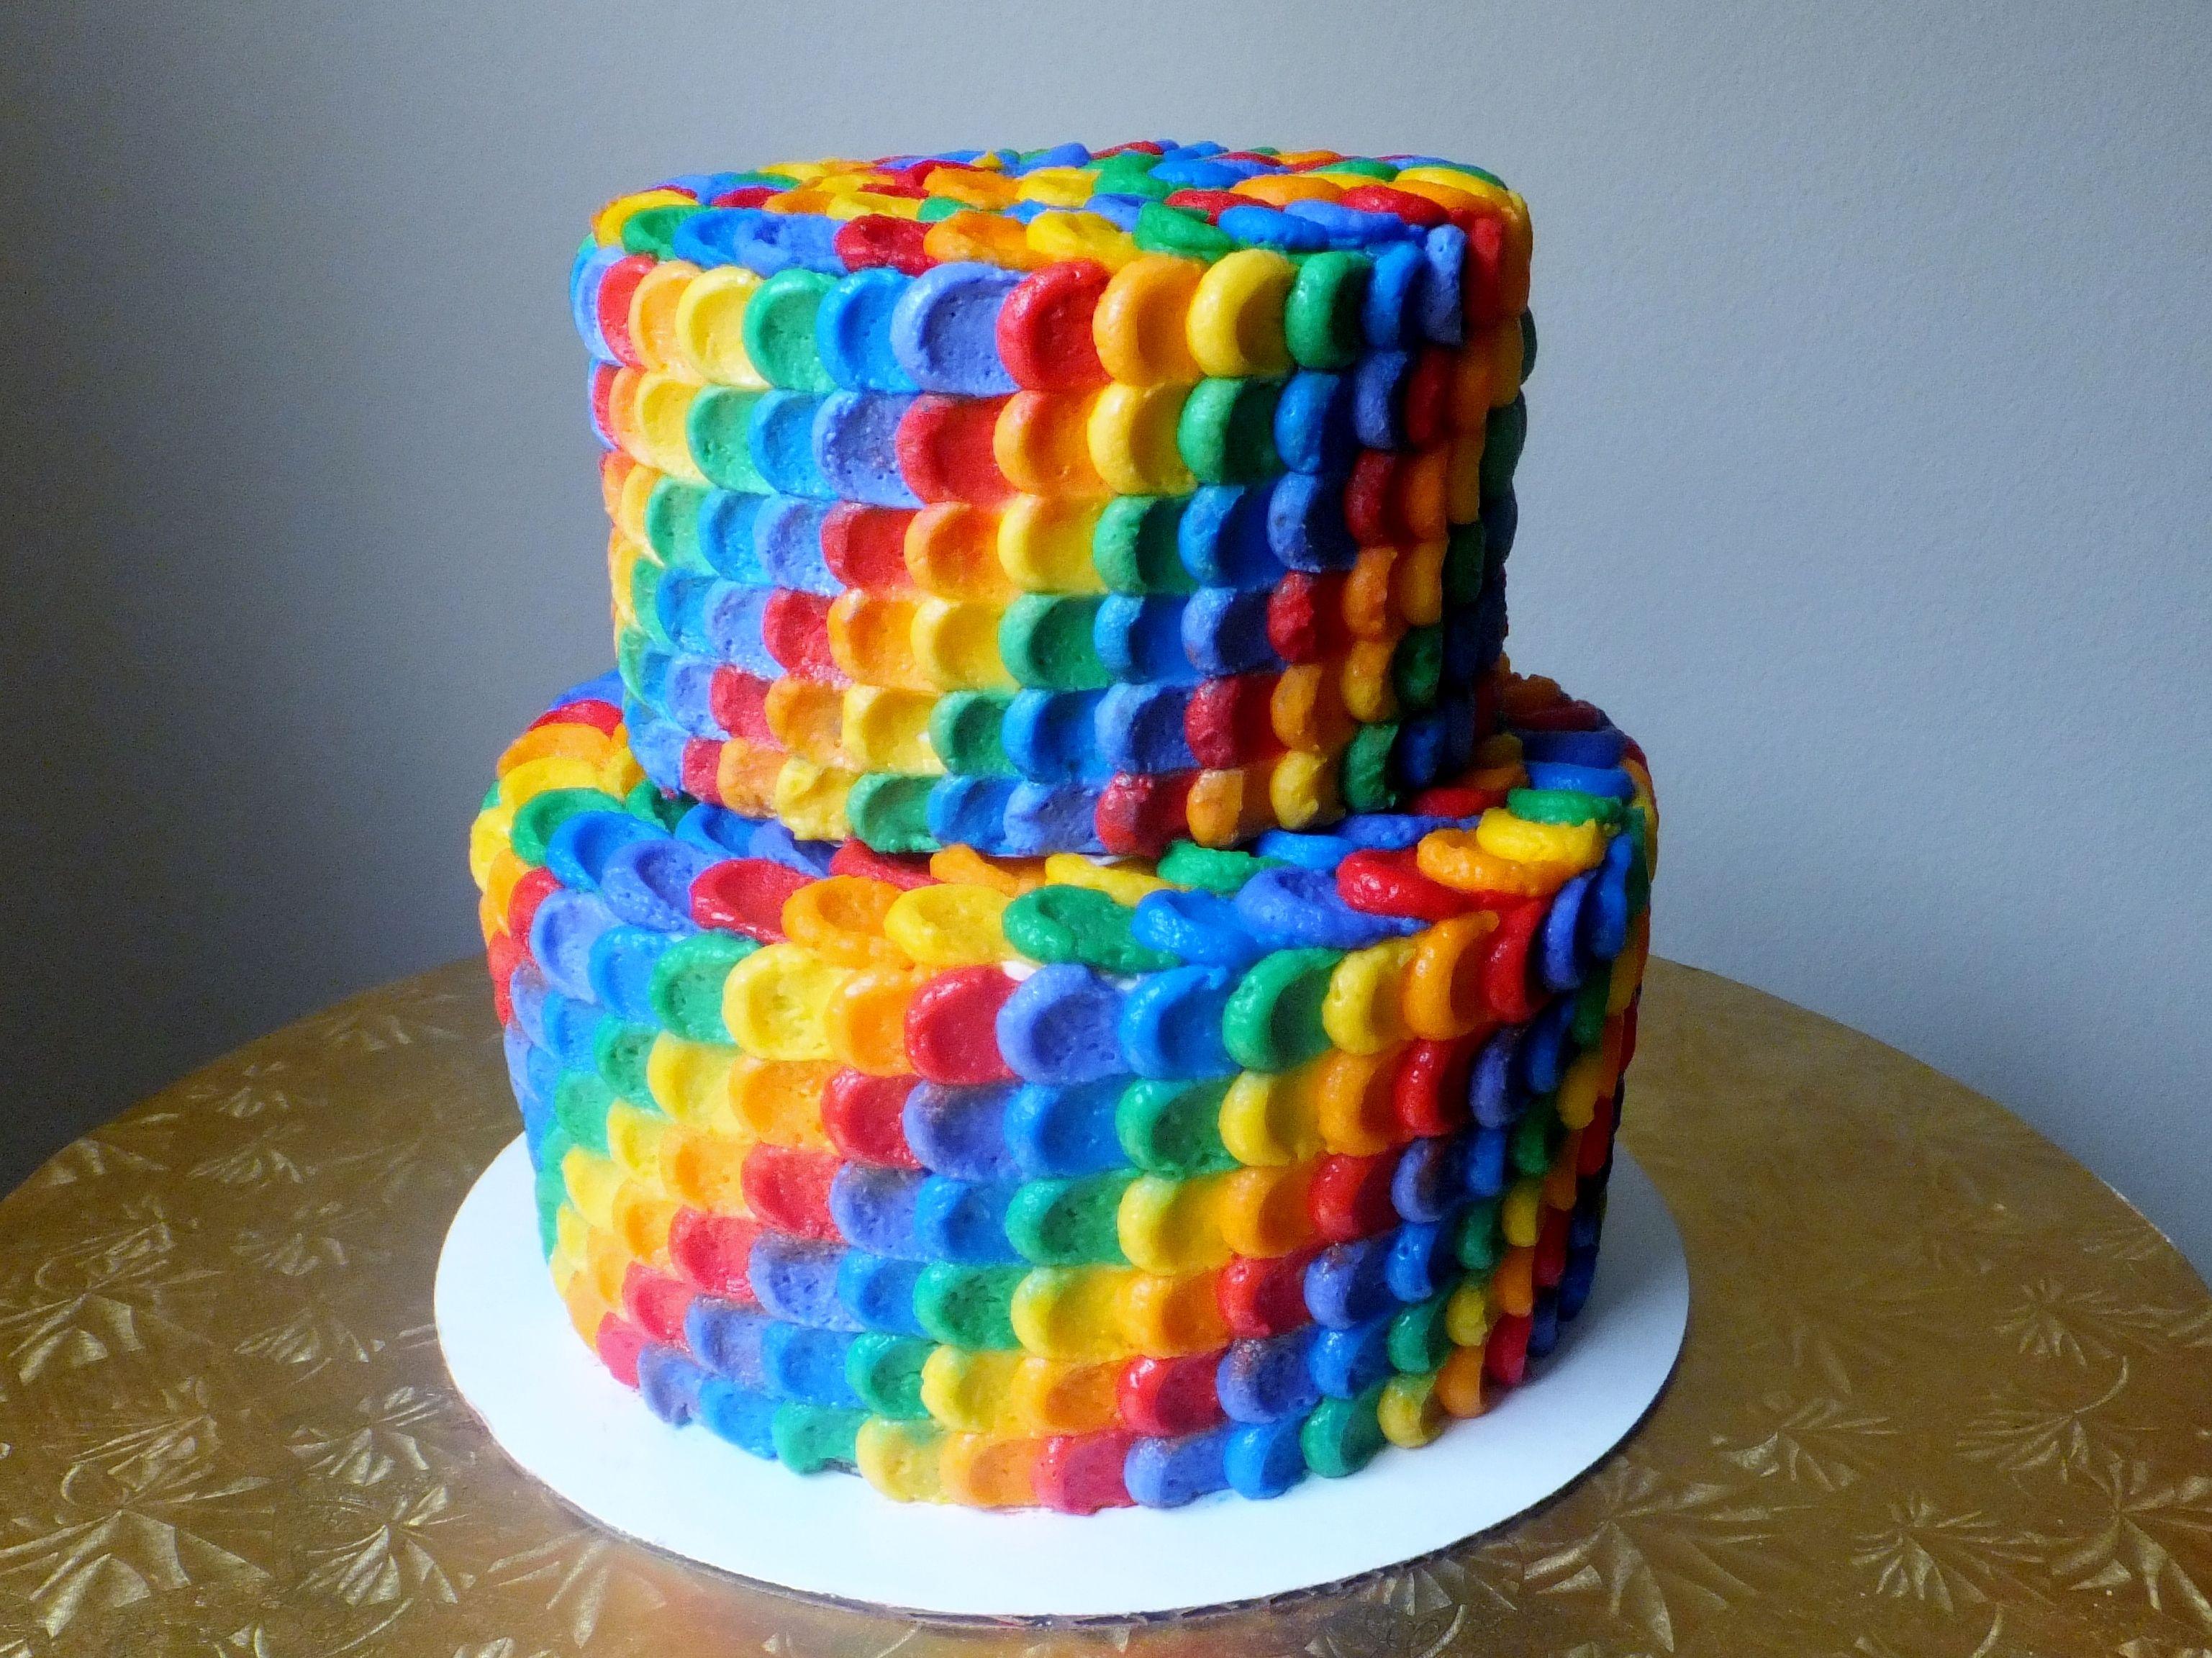 картинки радужного торта комплекс